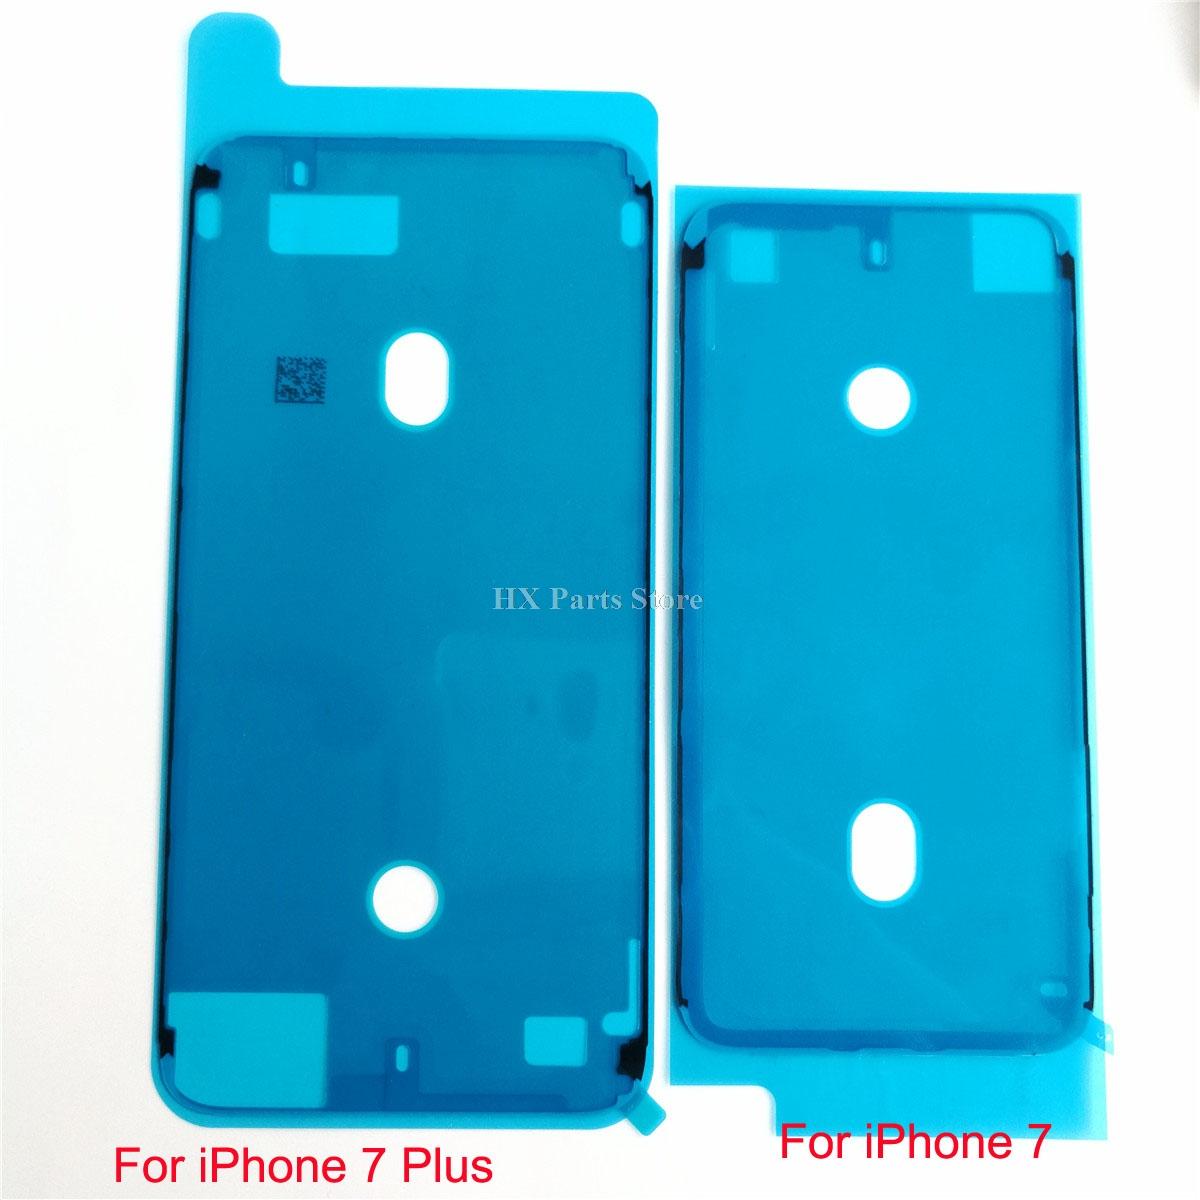 [해외]5 PC 방수 3M Pre-Cut 접착 접착제 테이프 스티커 아이폰 7 7 플러스 전면 하우징 LCD 터치 스크린 접착제/5 PCS Waterproof 3M Pre-Cut Adhesive Glue Tape Sticker For iPhone 7 7 Plus Fro